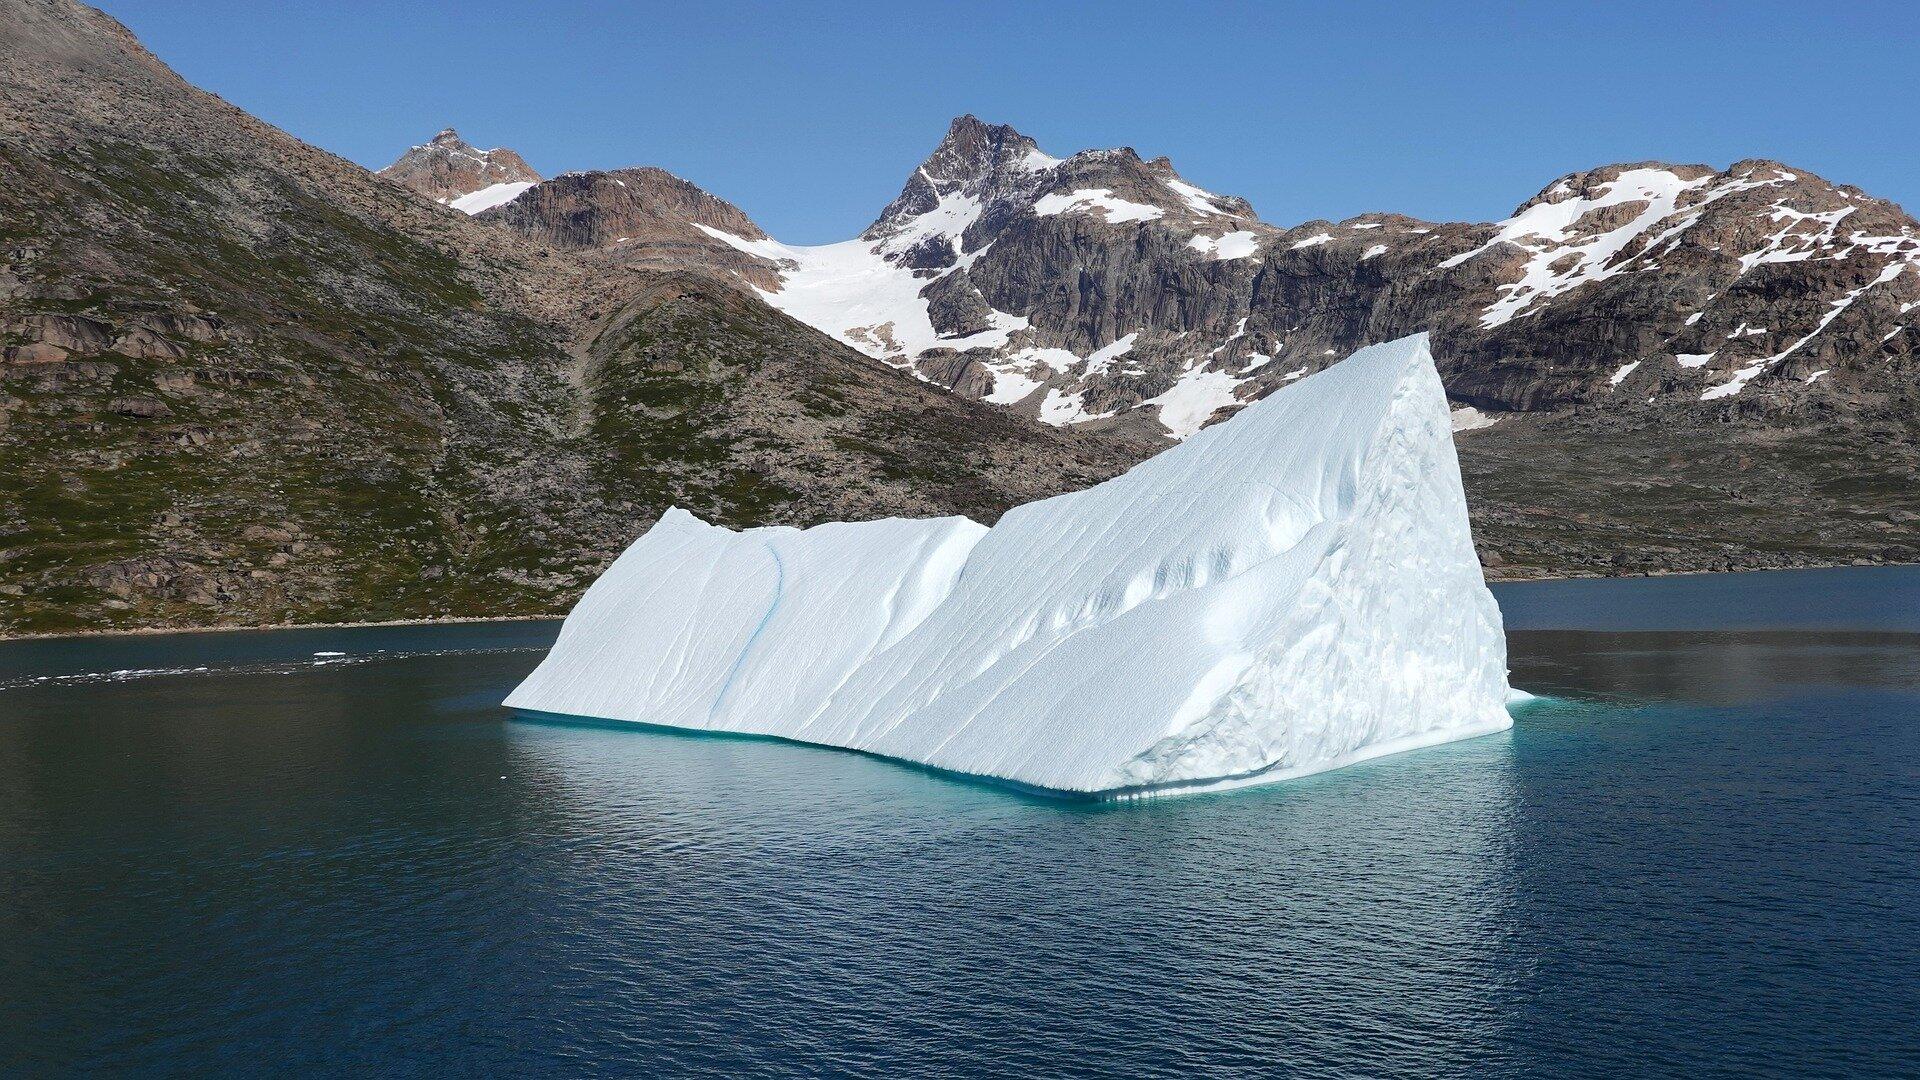 iceberg-4486589_1920.jpg